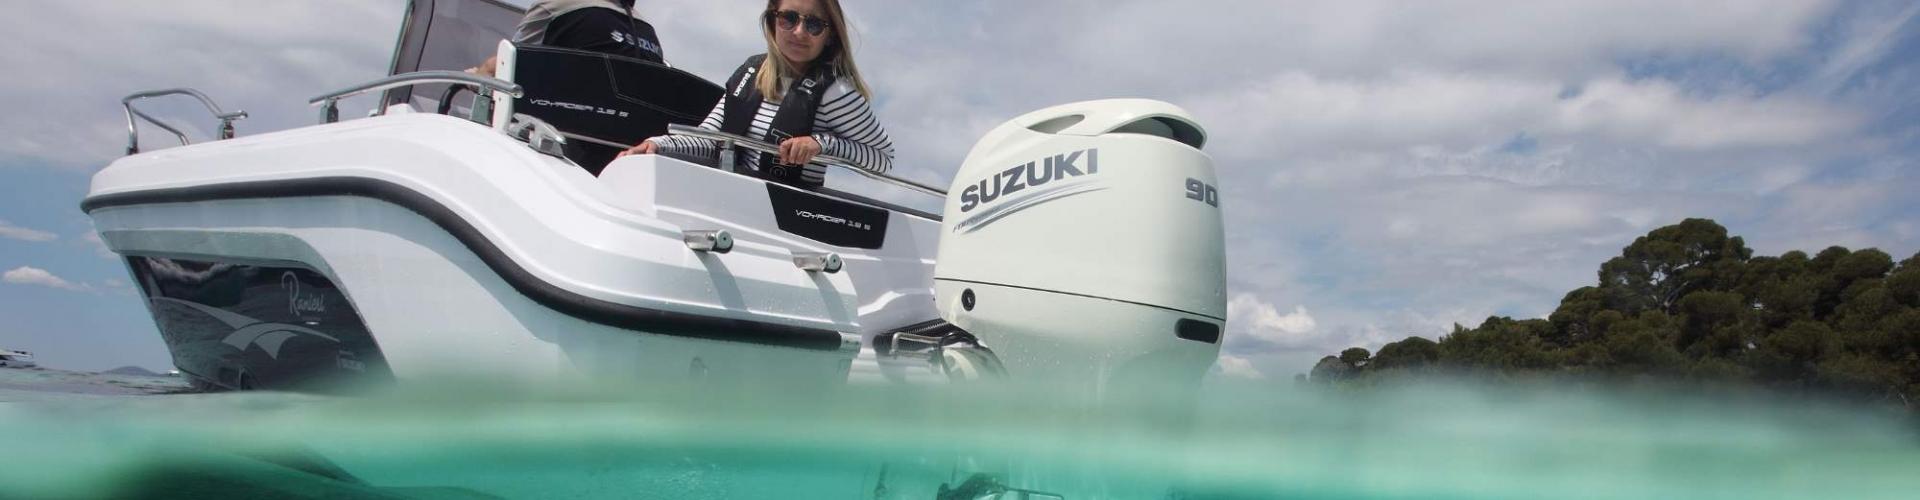 suzuki_marine_buitenboordmotorenlemmer_jachtservice_qnautique-aangepast